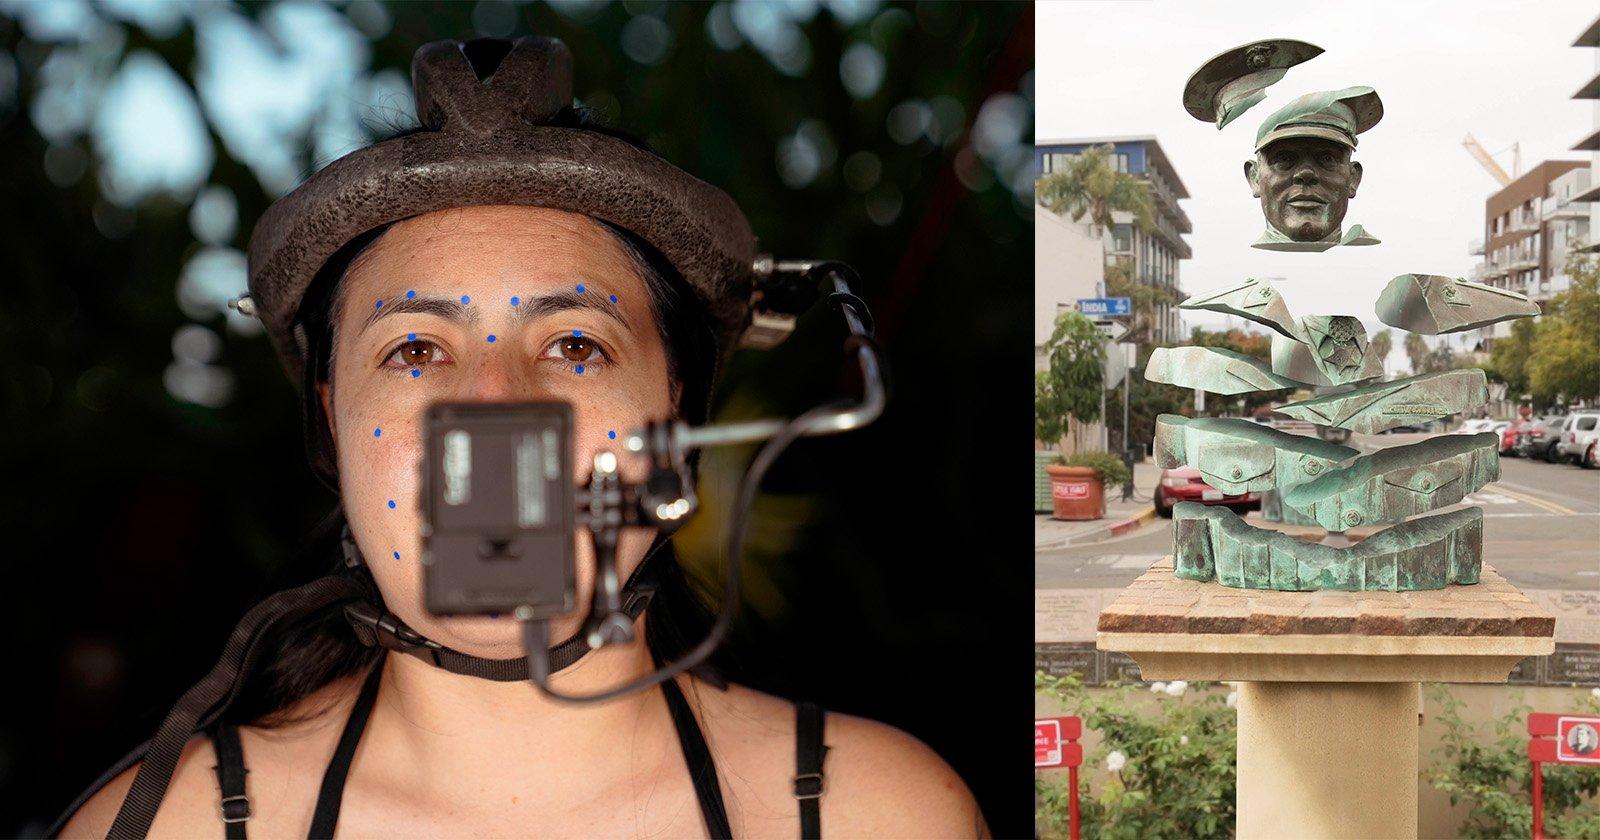 L'artista utilizza foto e motion capture per esplorare la storia militare a San Diego